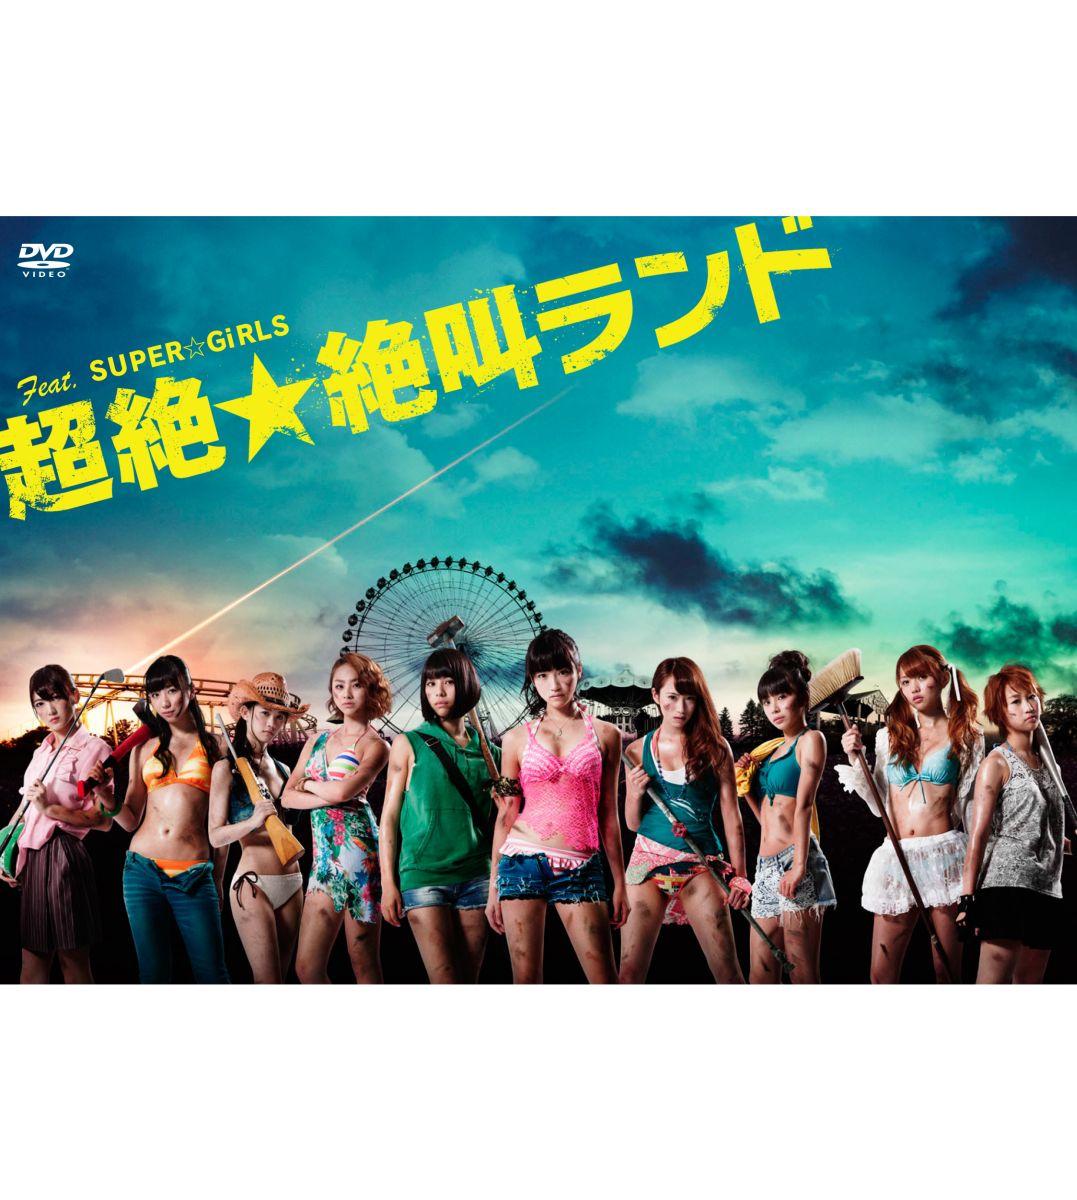 超絶☆絶叫ランド DVD-BOX [ SUPER☆GiRLS ]